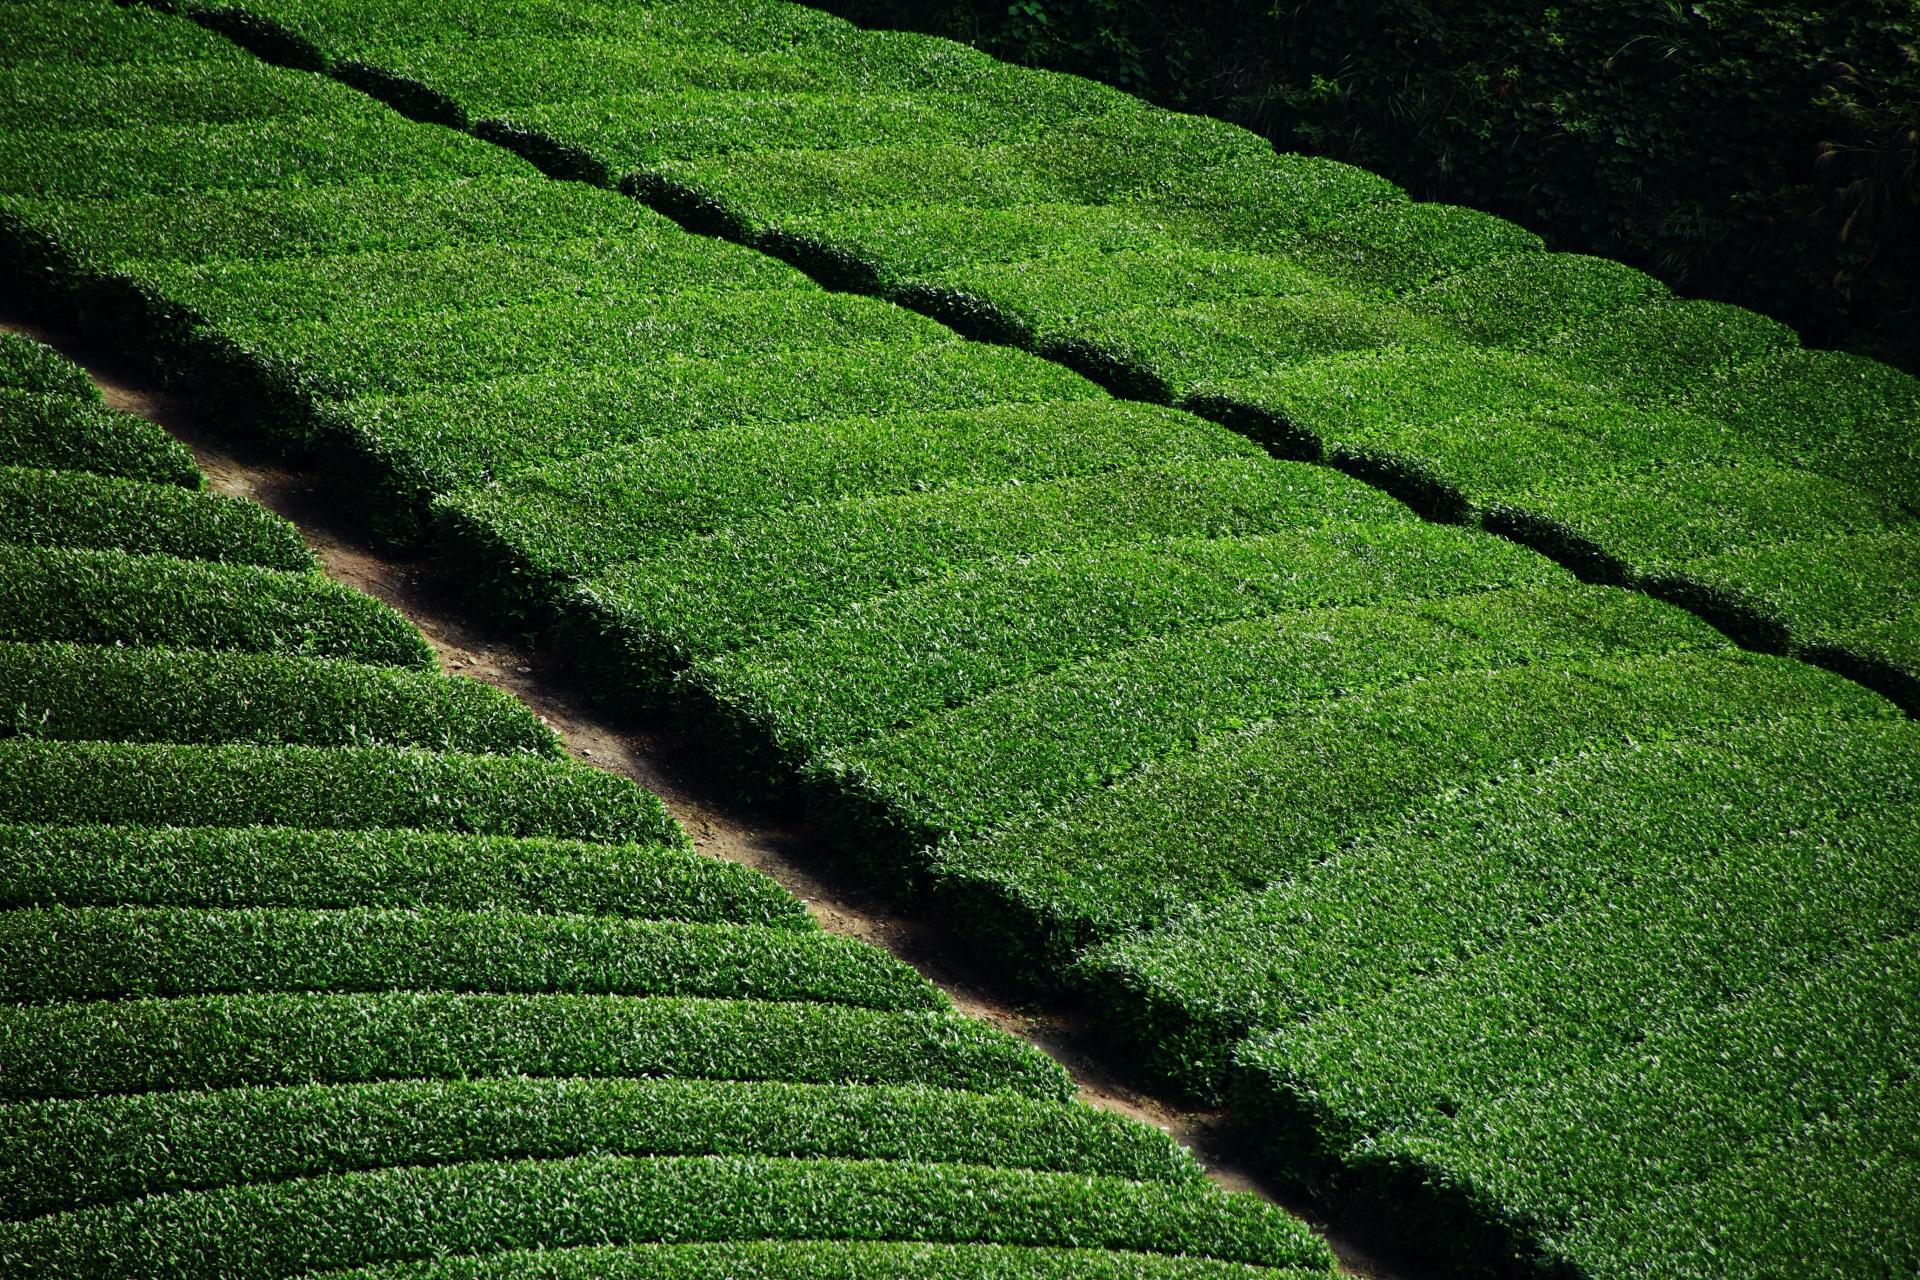 緑の絨毯のような絶品のお茶畑